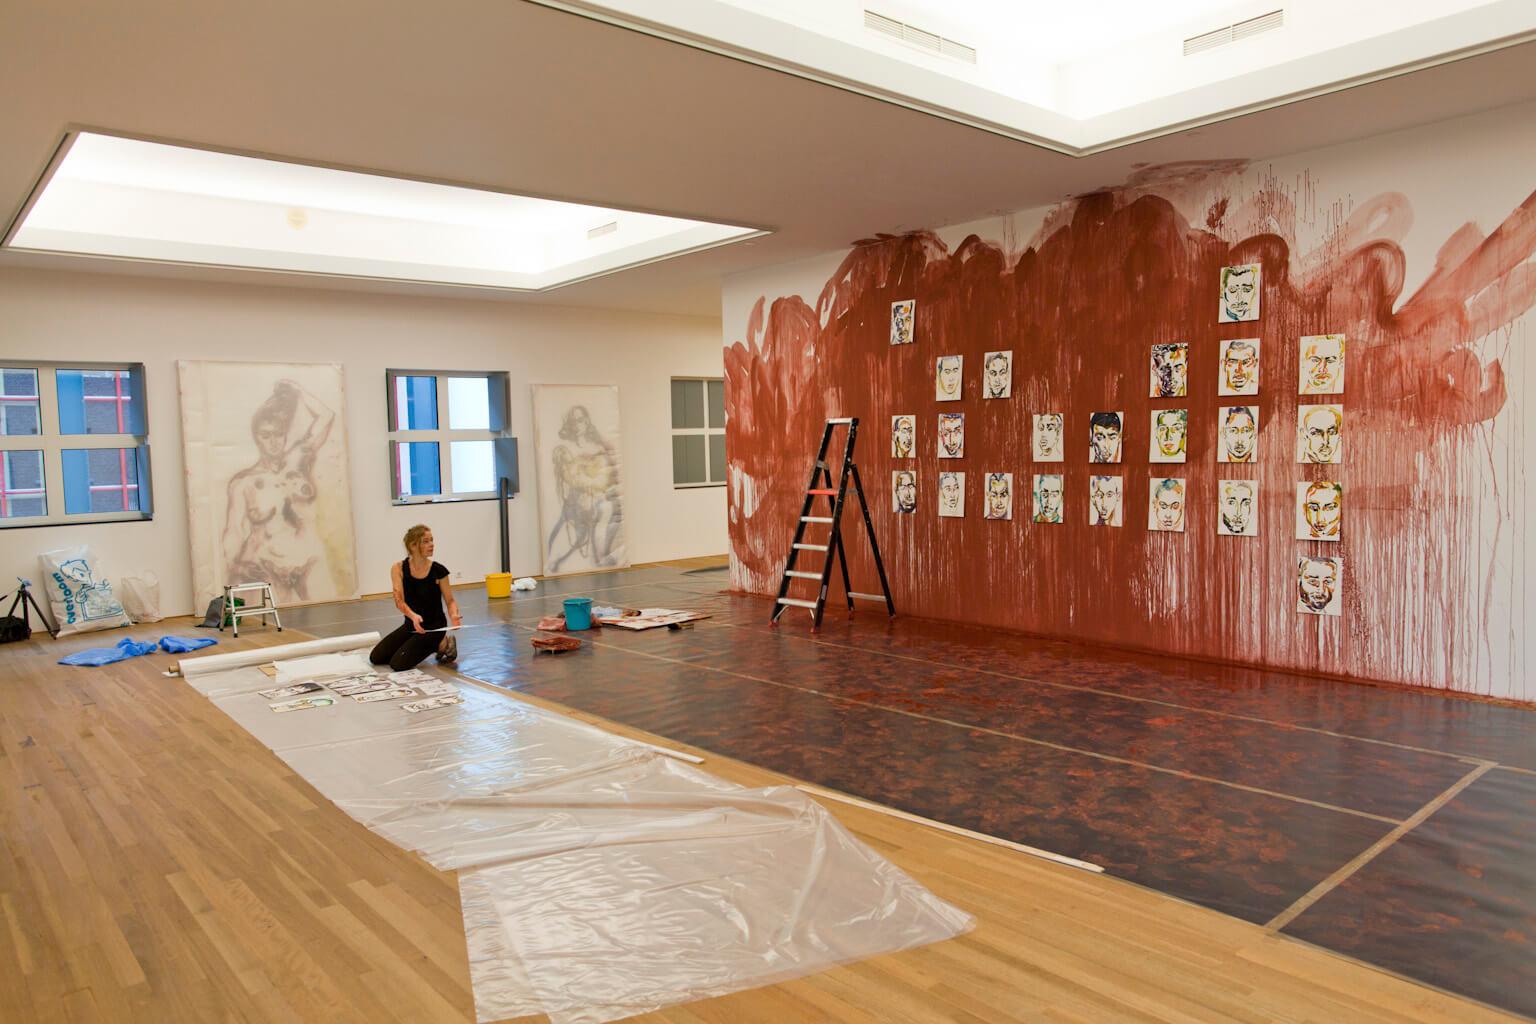 Installatie ' Quarantaine', Bonnefantenmuseum 2015